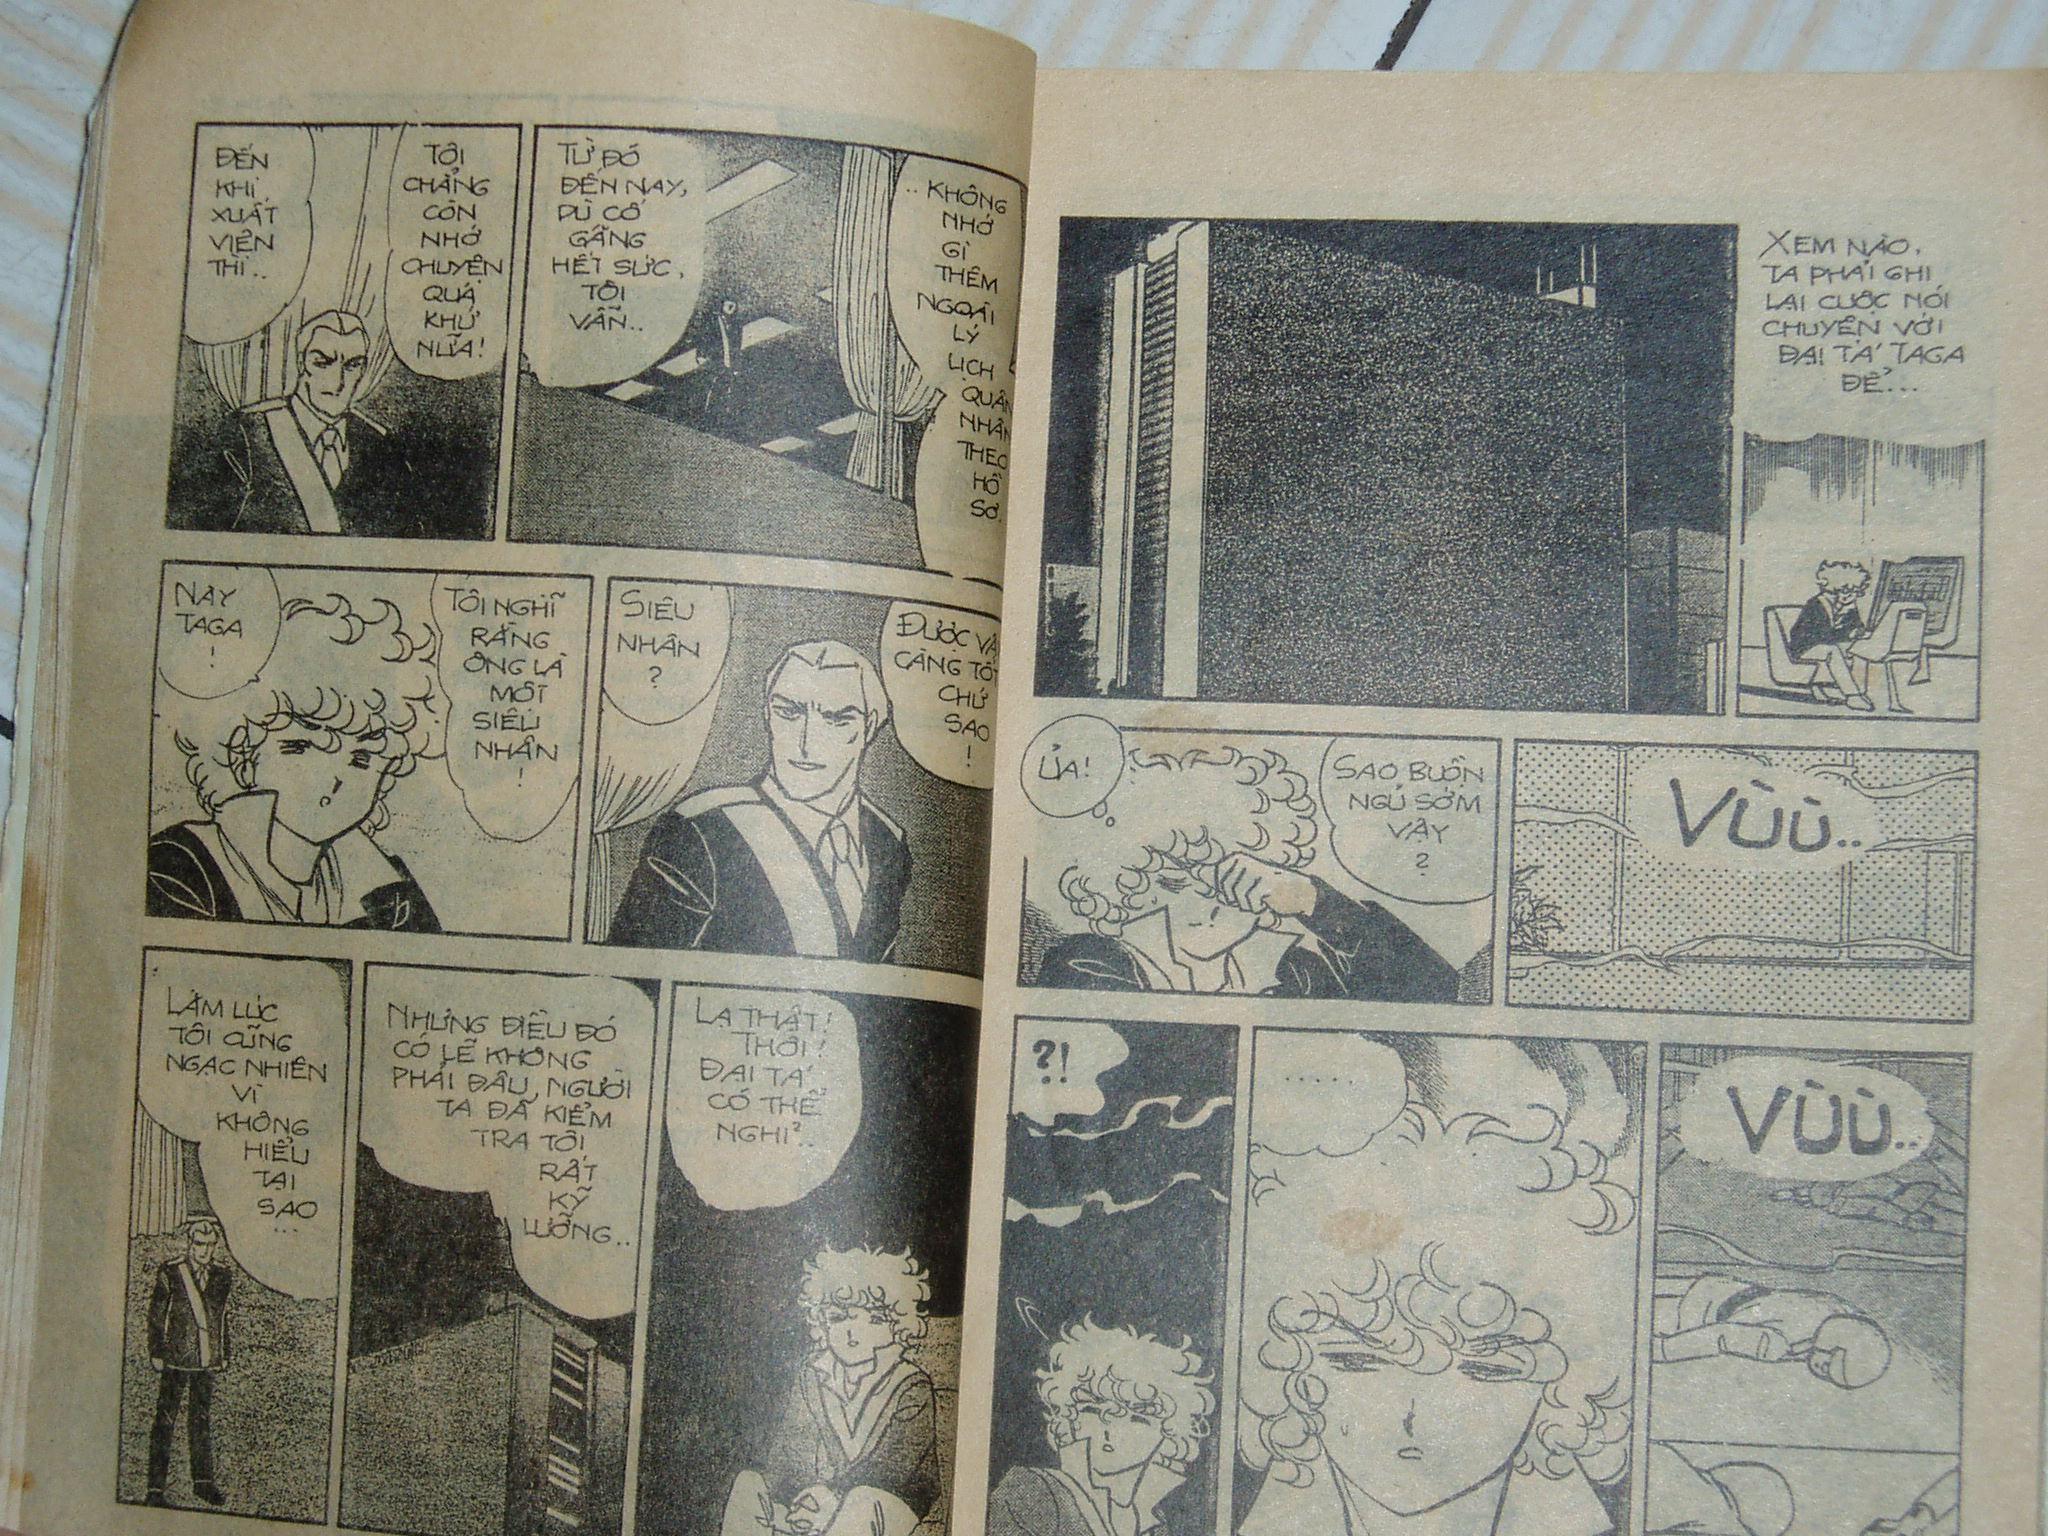 Siêu nhân Locke vol 13 trang 12